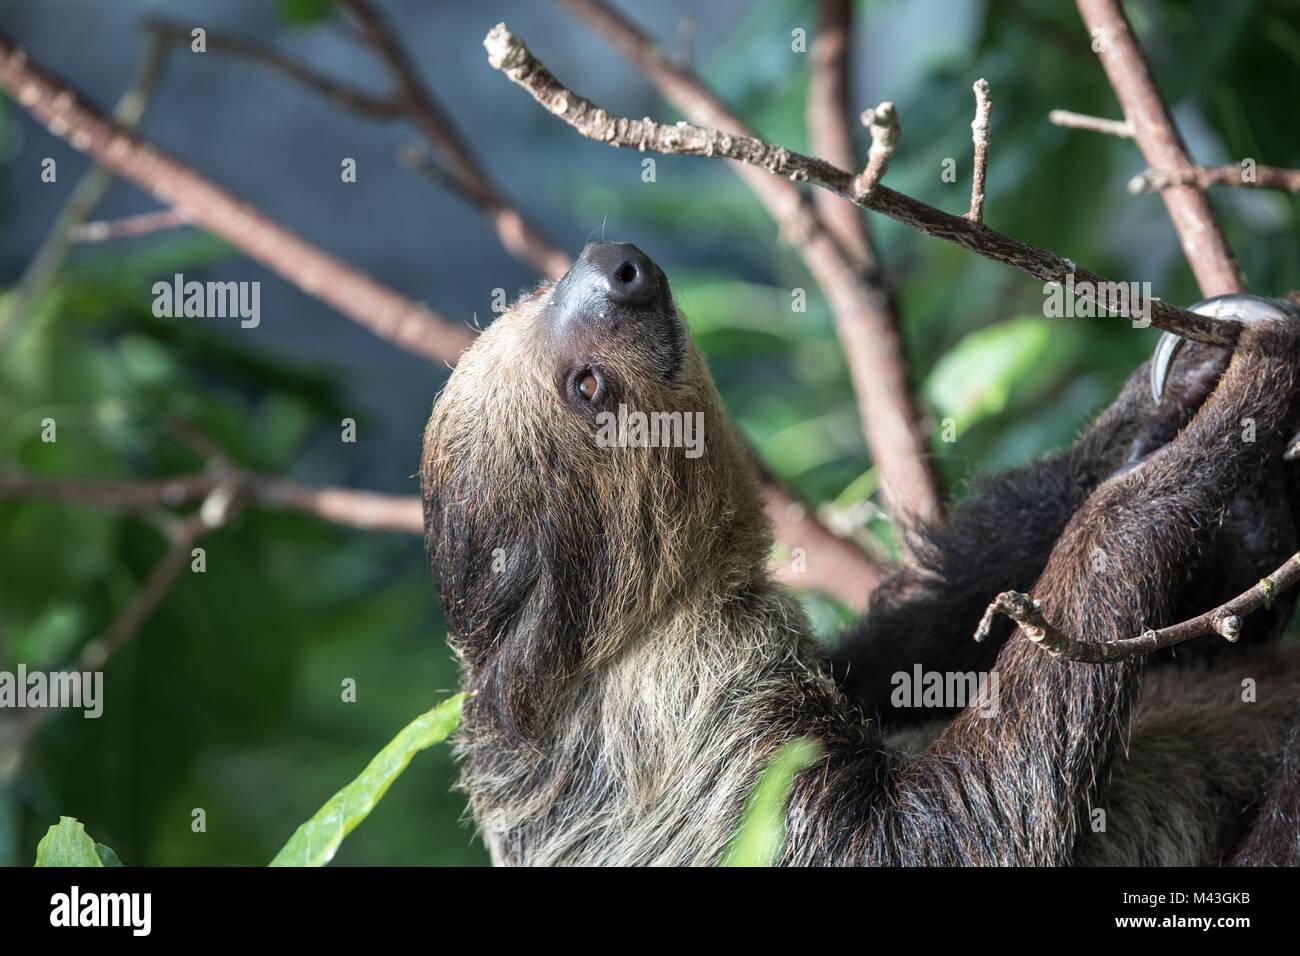 Un relajado sleepy Linnaeus dos dedos cada sloth (Choloepus didactylus) colgando en la copa de árbol. Dubai, Emiratos Árabes Unidos. Foto de stock